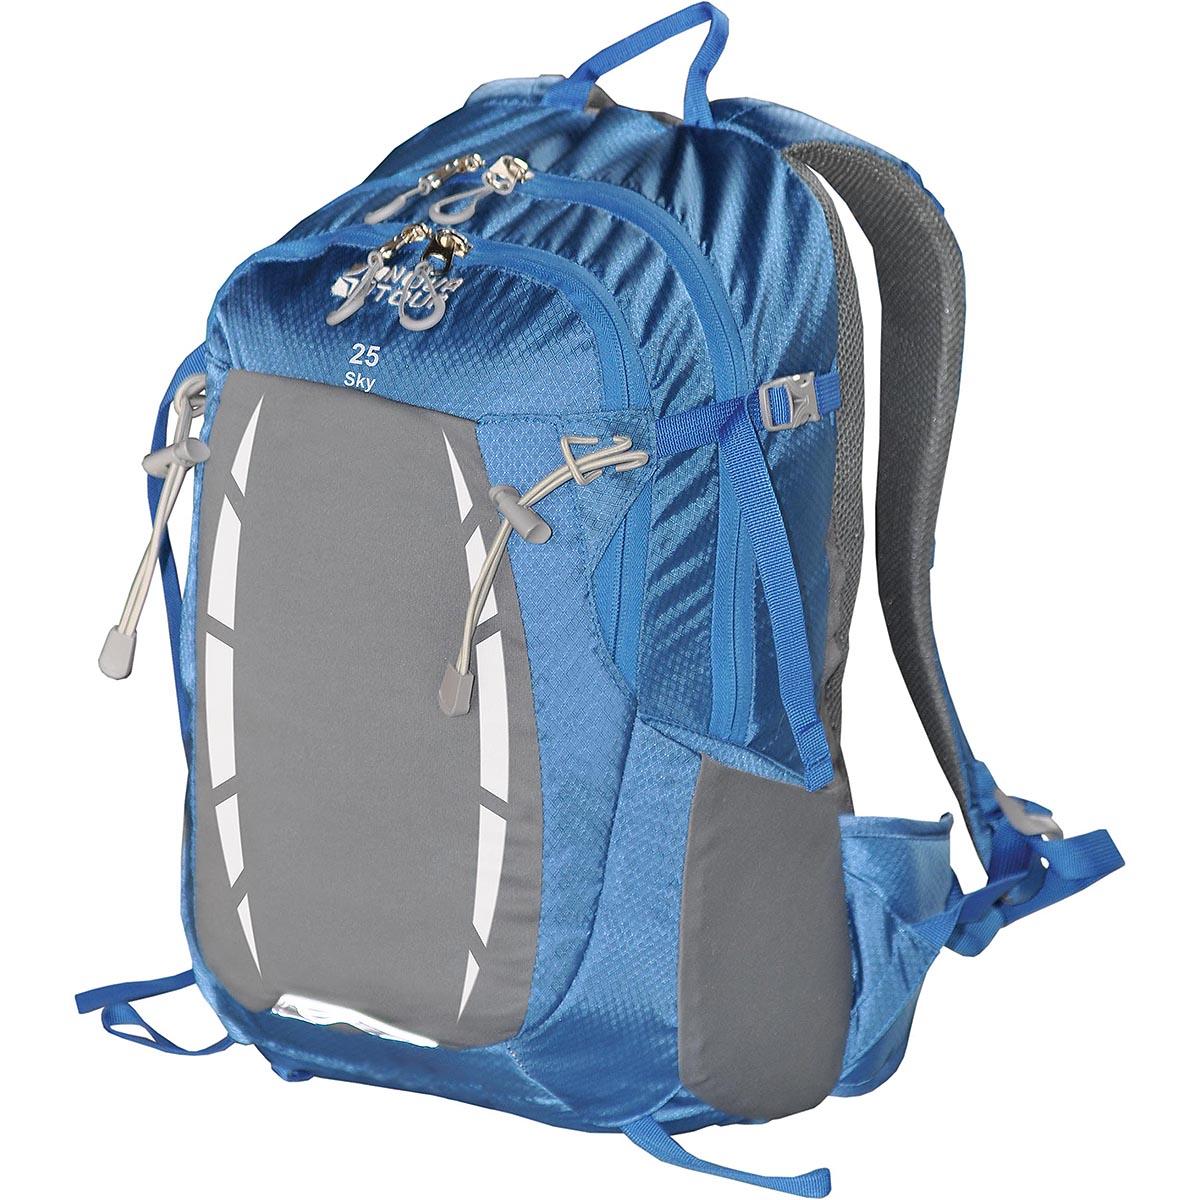 Рюкзак спортивный Nova Tour Скай 25, цвет: синий, 25 лMW-1462-01-SR серебристыйРюкзак спортивный Nova Tour Скай 25 - отделение для гидратора, карабин для ключей, карман с органайзером, эластичный фронтальный карман с переменным объемом.